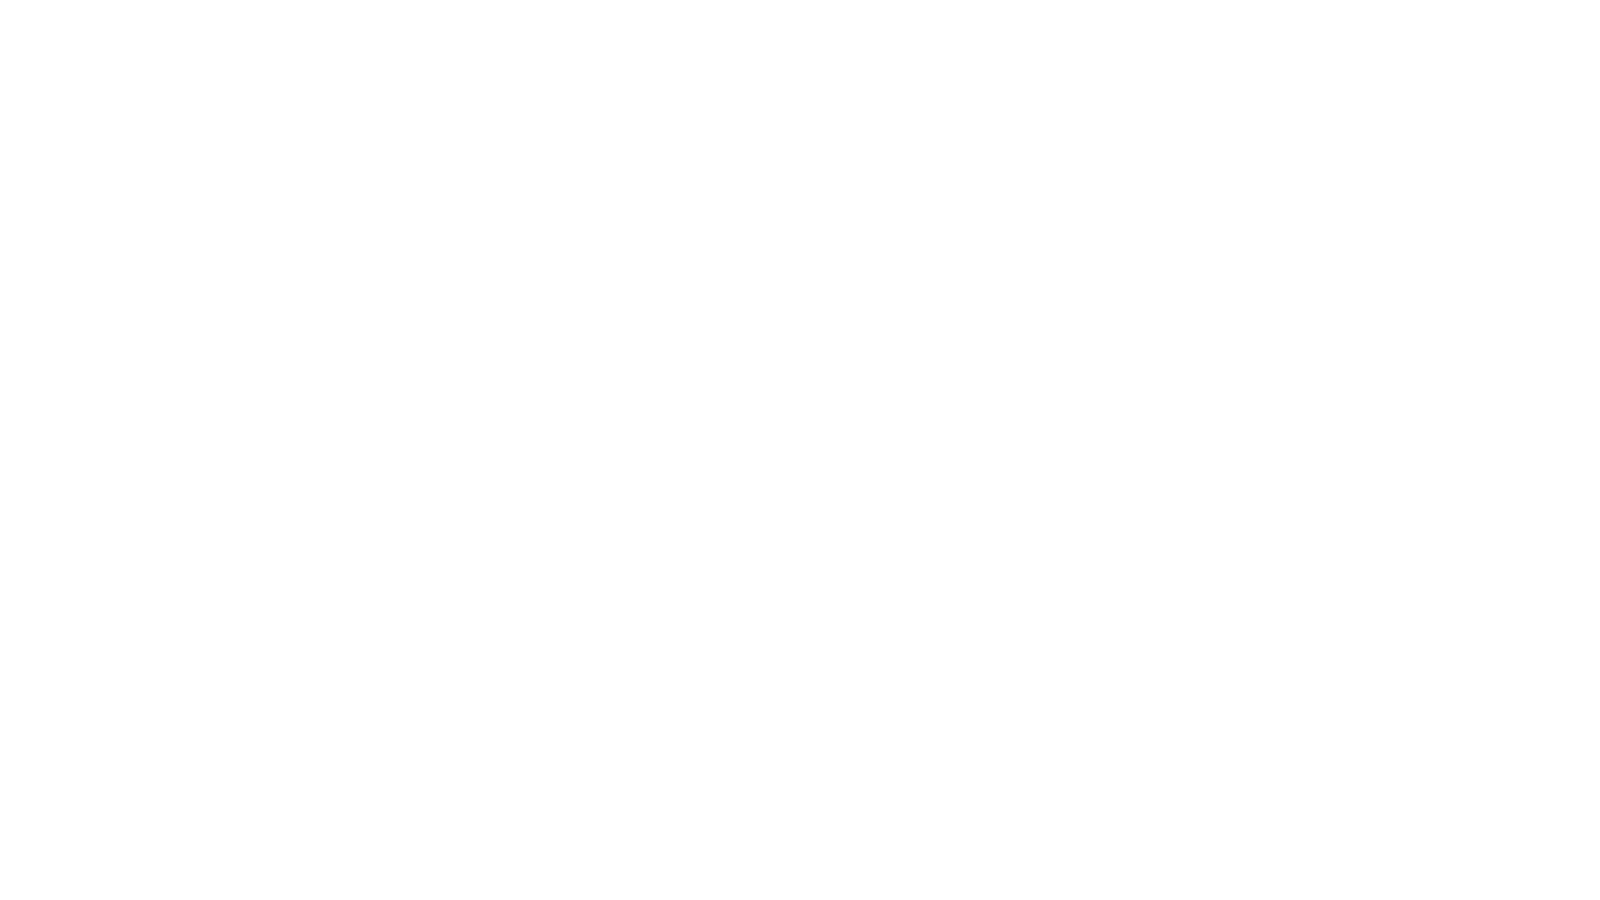 Alhamdulillah, saat ini Yayasan Wisata Sedekah Indonesia telah memiliki lokasi sekretariat yang baru dan lebih staregis yaitu di Jl. Raya Kebagusan No.17 B Rt.08 Rw.07. Untuk menjalankan program2 yayasan, alhamdulillah Yayasan dibantu oleh remaja2 Yatim Dhuafa WSI, selain menjaga dan merawat yayasan mereka juga sambil belajar untuk berbisnis online sehingga nantinay mereka bisa menjadi enterpreaneur muda yang sholeh sholehah.   Doakan agar kami Yayasan WSI bisa selalu istiqomah dan amanah dalam menjalankan program2 sehingga tercipta Yatim dan Dhuafa yang memiliki Kemandirian dan Keberkahan dalam Kehidupan dan Usahanya.